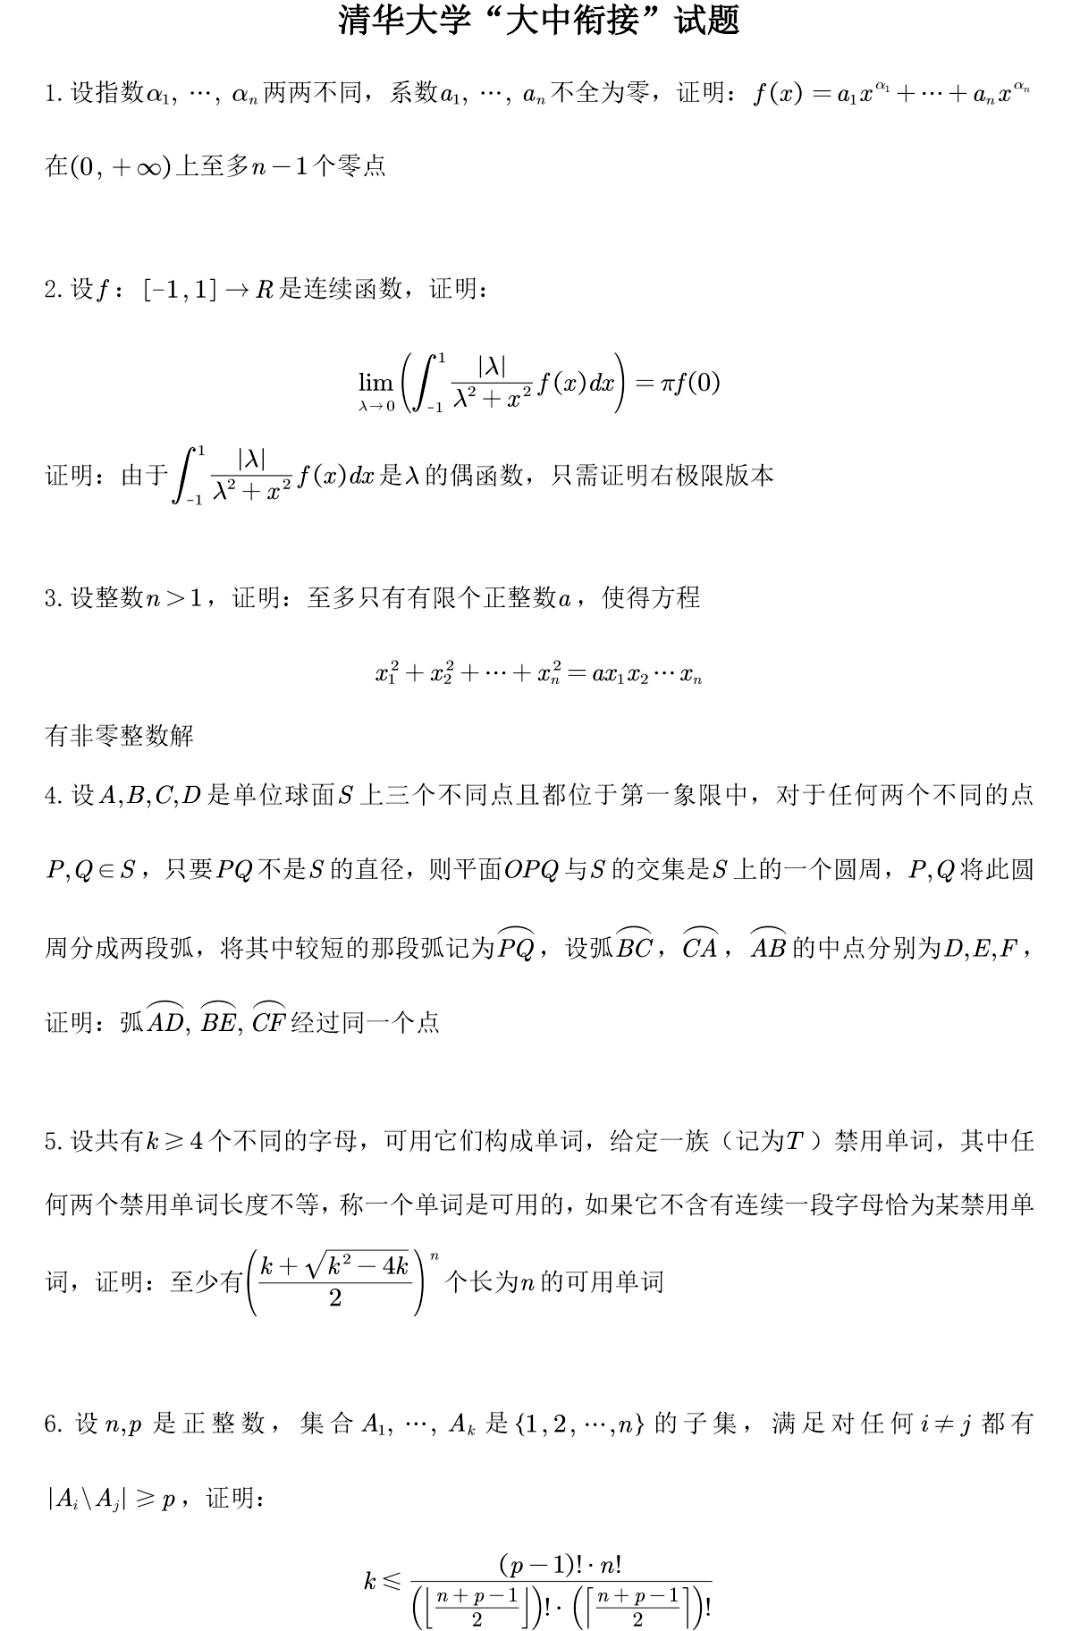 """关注丨清华大学""""大中衔接""""试题及答案曝光!"""